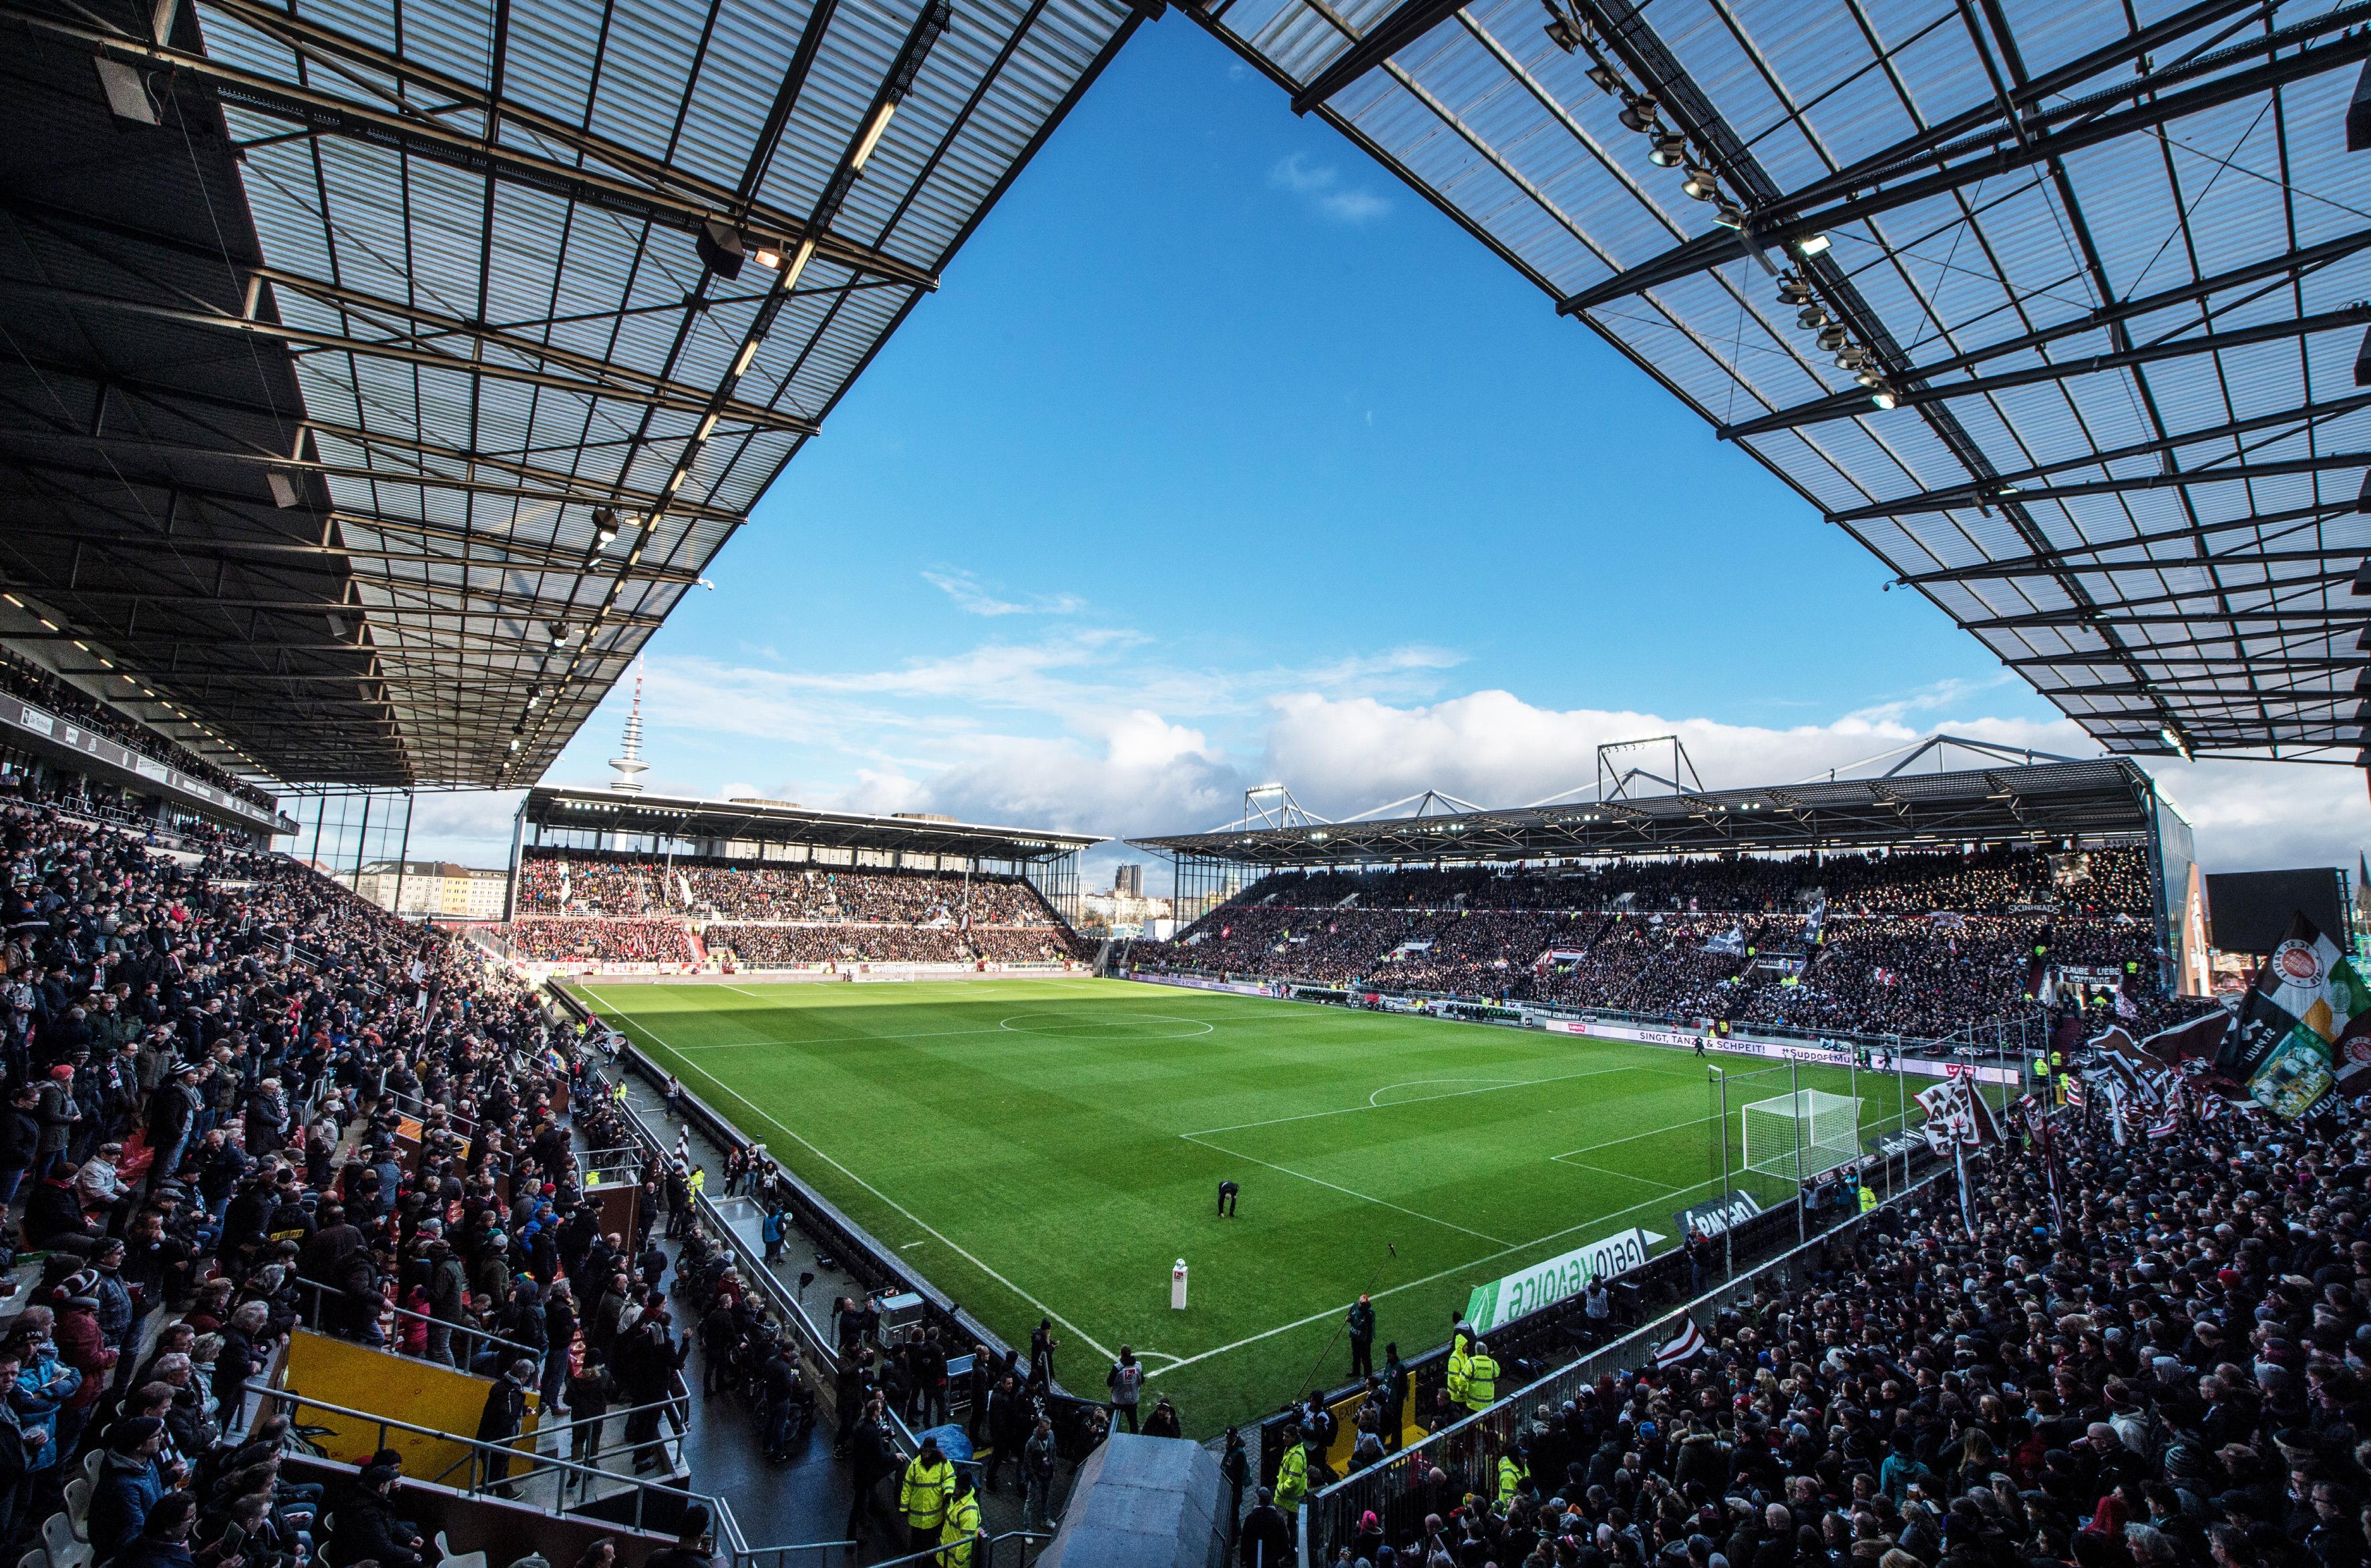 Heimspiel gegen Kiel ausverkauft – Noch Tickets für Spiele gegen Heidenheim, Dresden und Altona 93